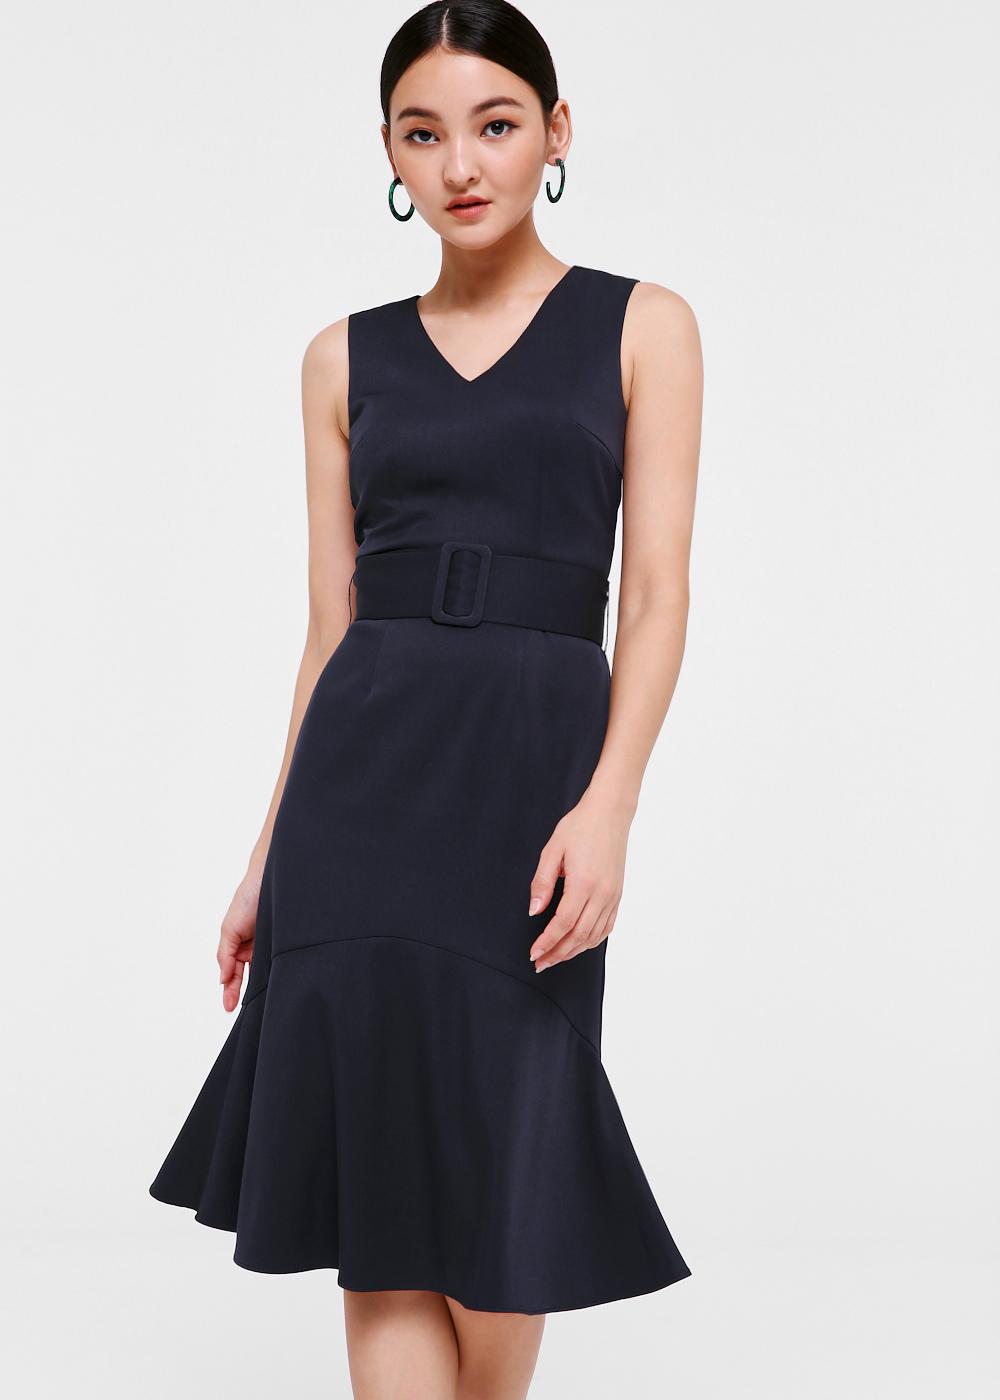 Alora Belted Ruffle Hem Midi Dress